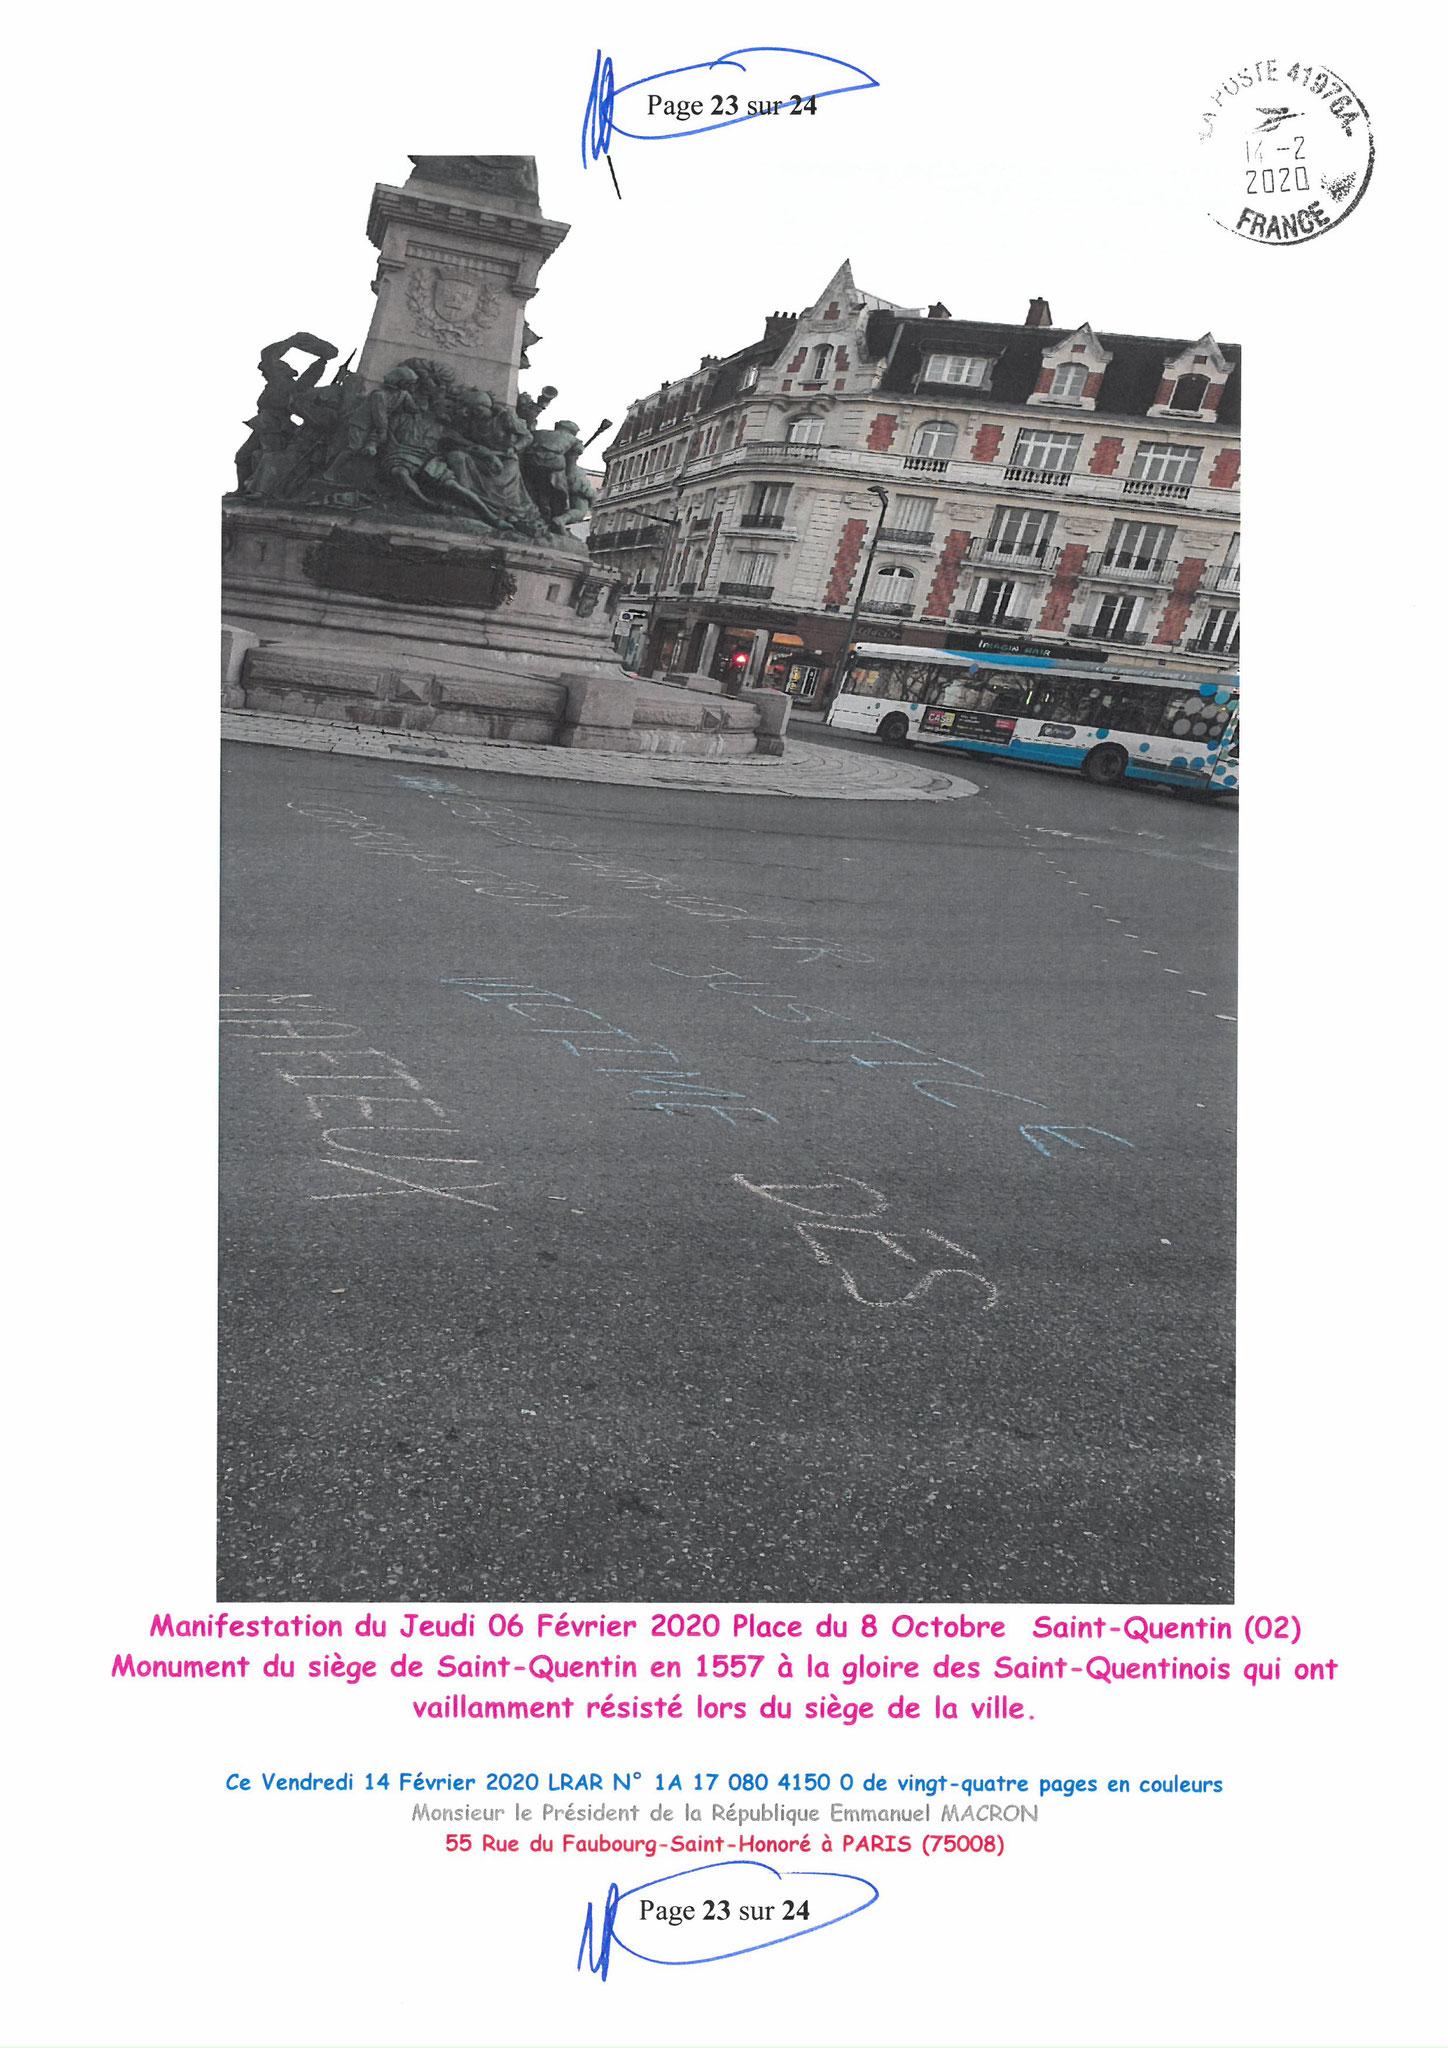 Ma lettre recommandée du 14 Février 2020 N° 1A 178 082 4150 0  page 23 sur 24 en couleur que j'ai adressé à Monsieur Emmanuel MACRON le Président de la République www.jesuispatrick.fr www.jesuisvictime.fr www.alerte-rouge-france.fr